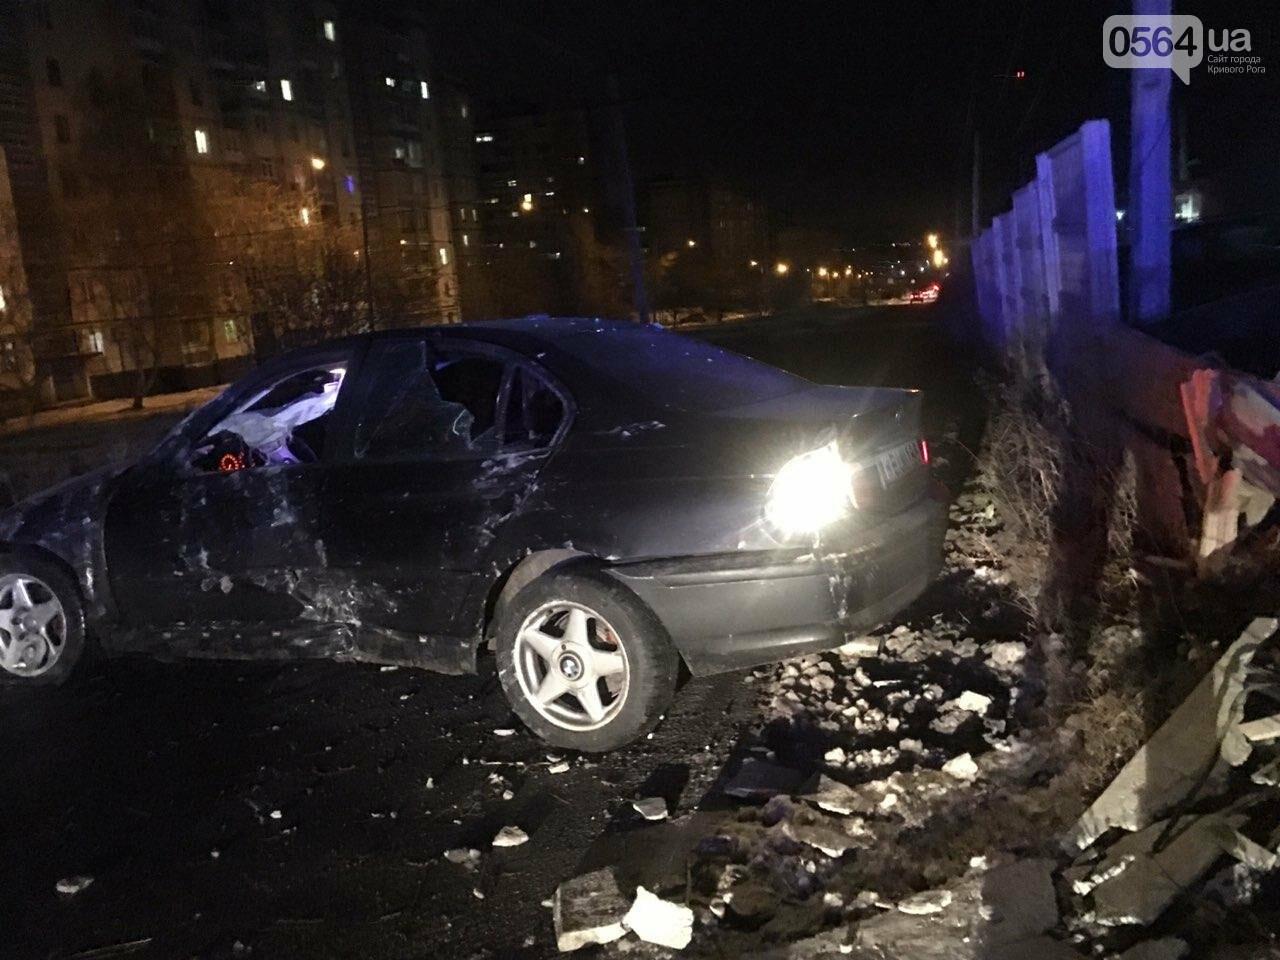 """В Кривом Роге """"BMW"""" снес забор стоянки: повреждено около 10 машин, есть пострадавший, - ФОТО , фото-15"""